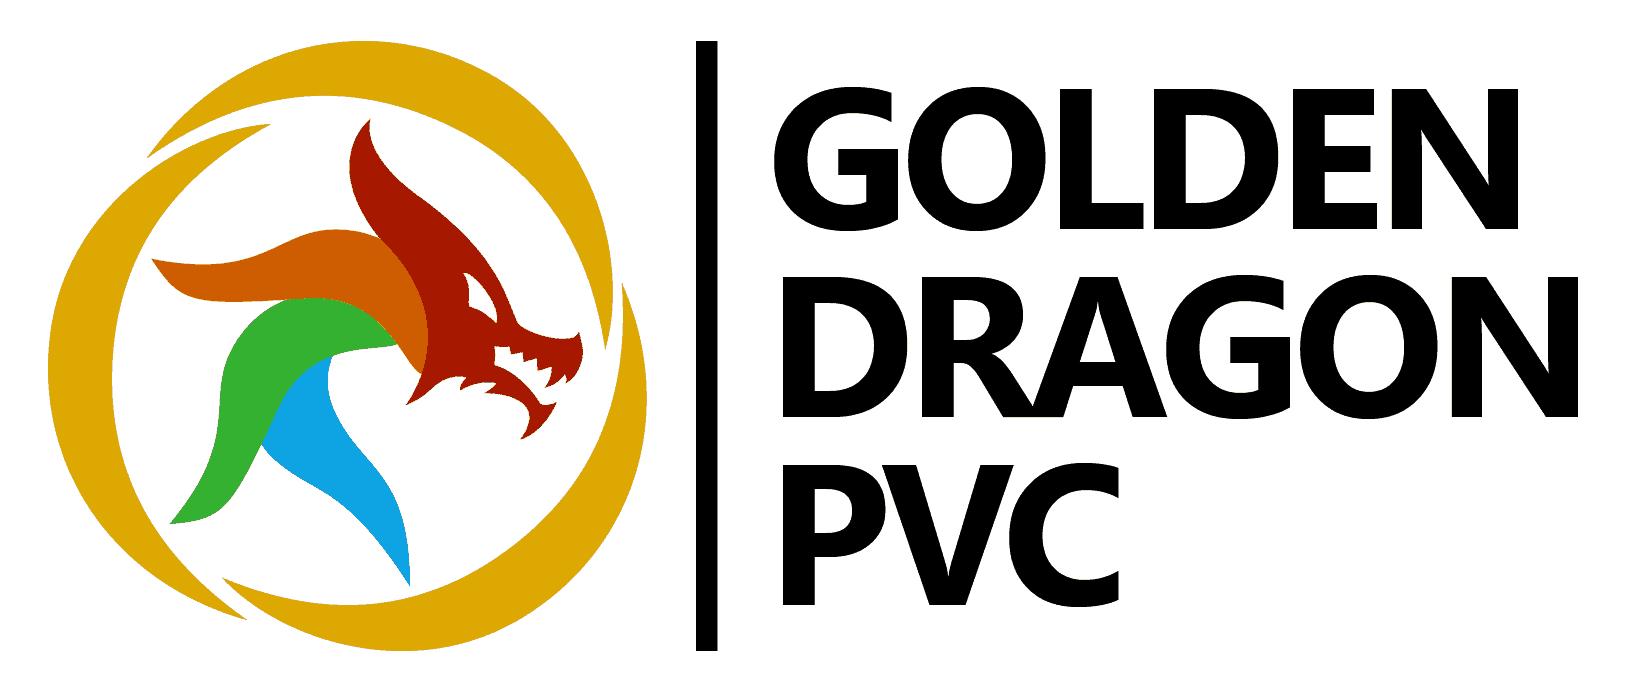 GolderDragonPVC